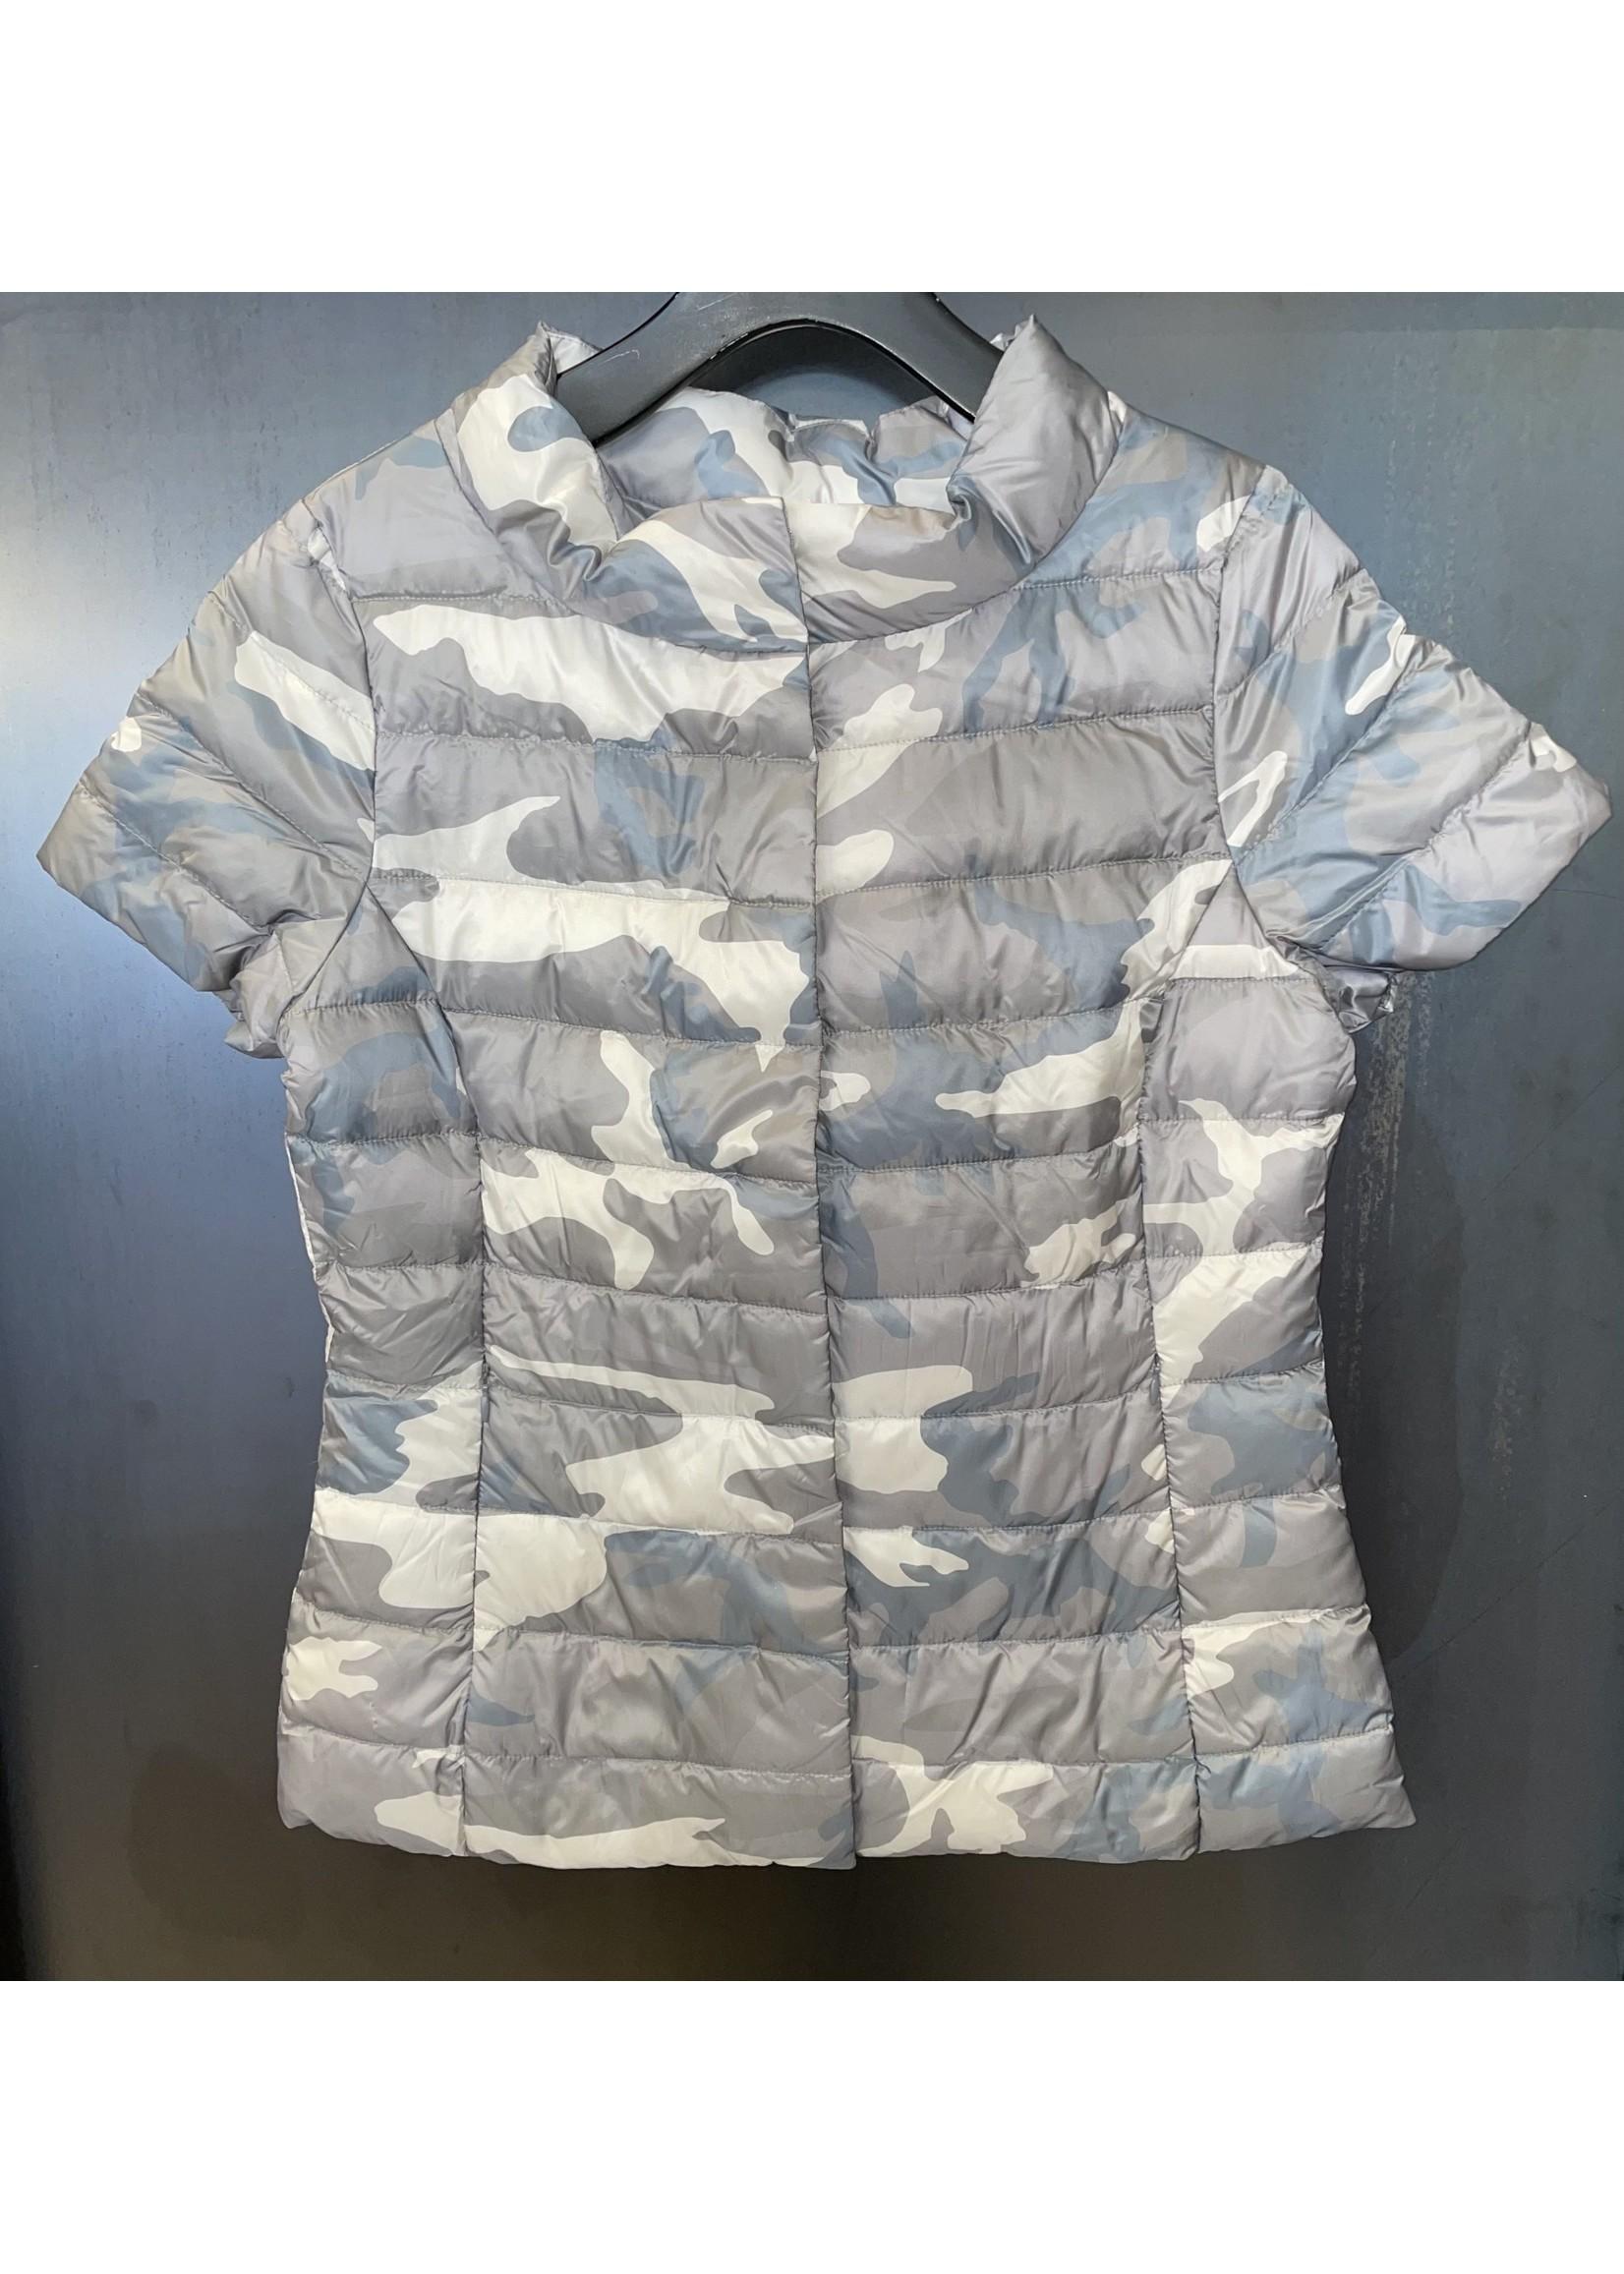 Anorak Anorak Printed Short Sleeve